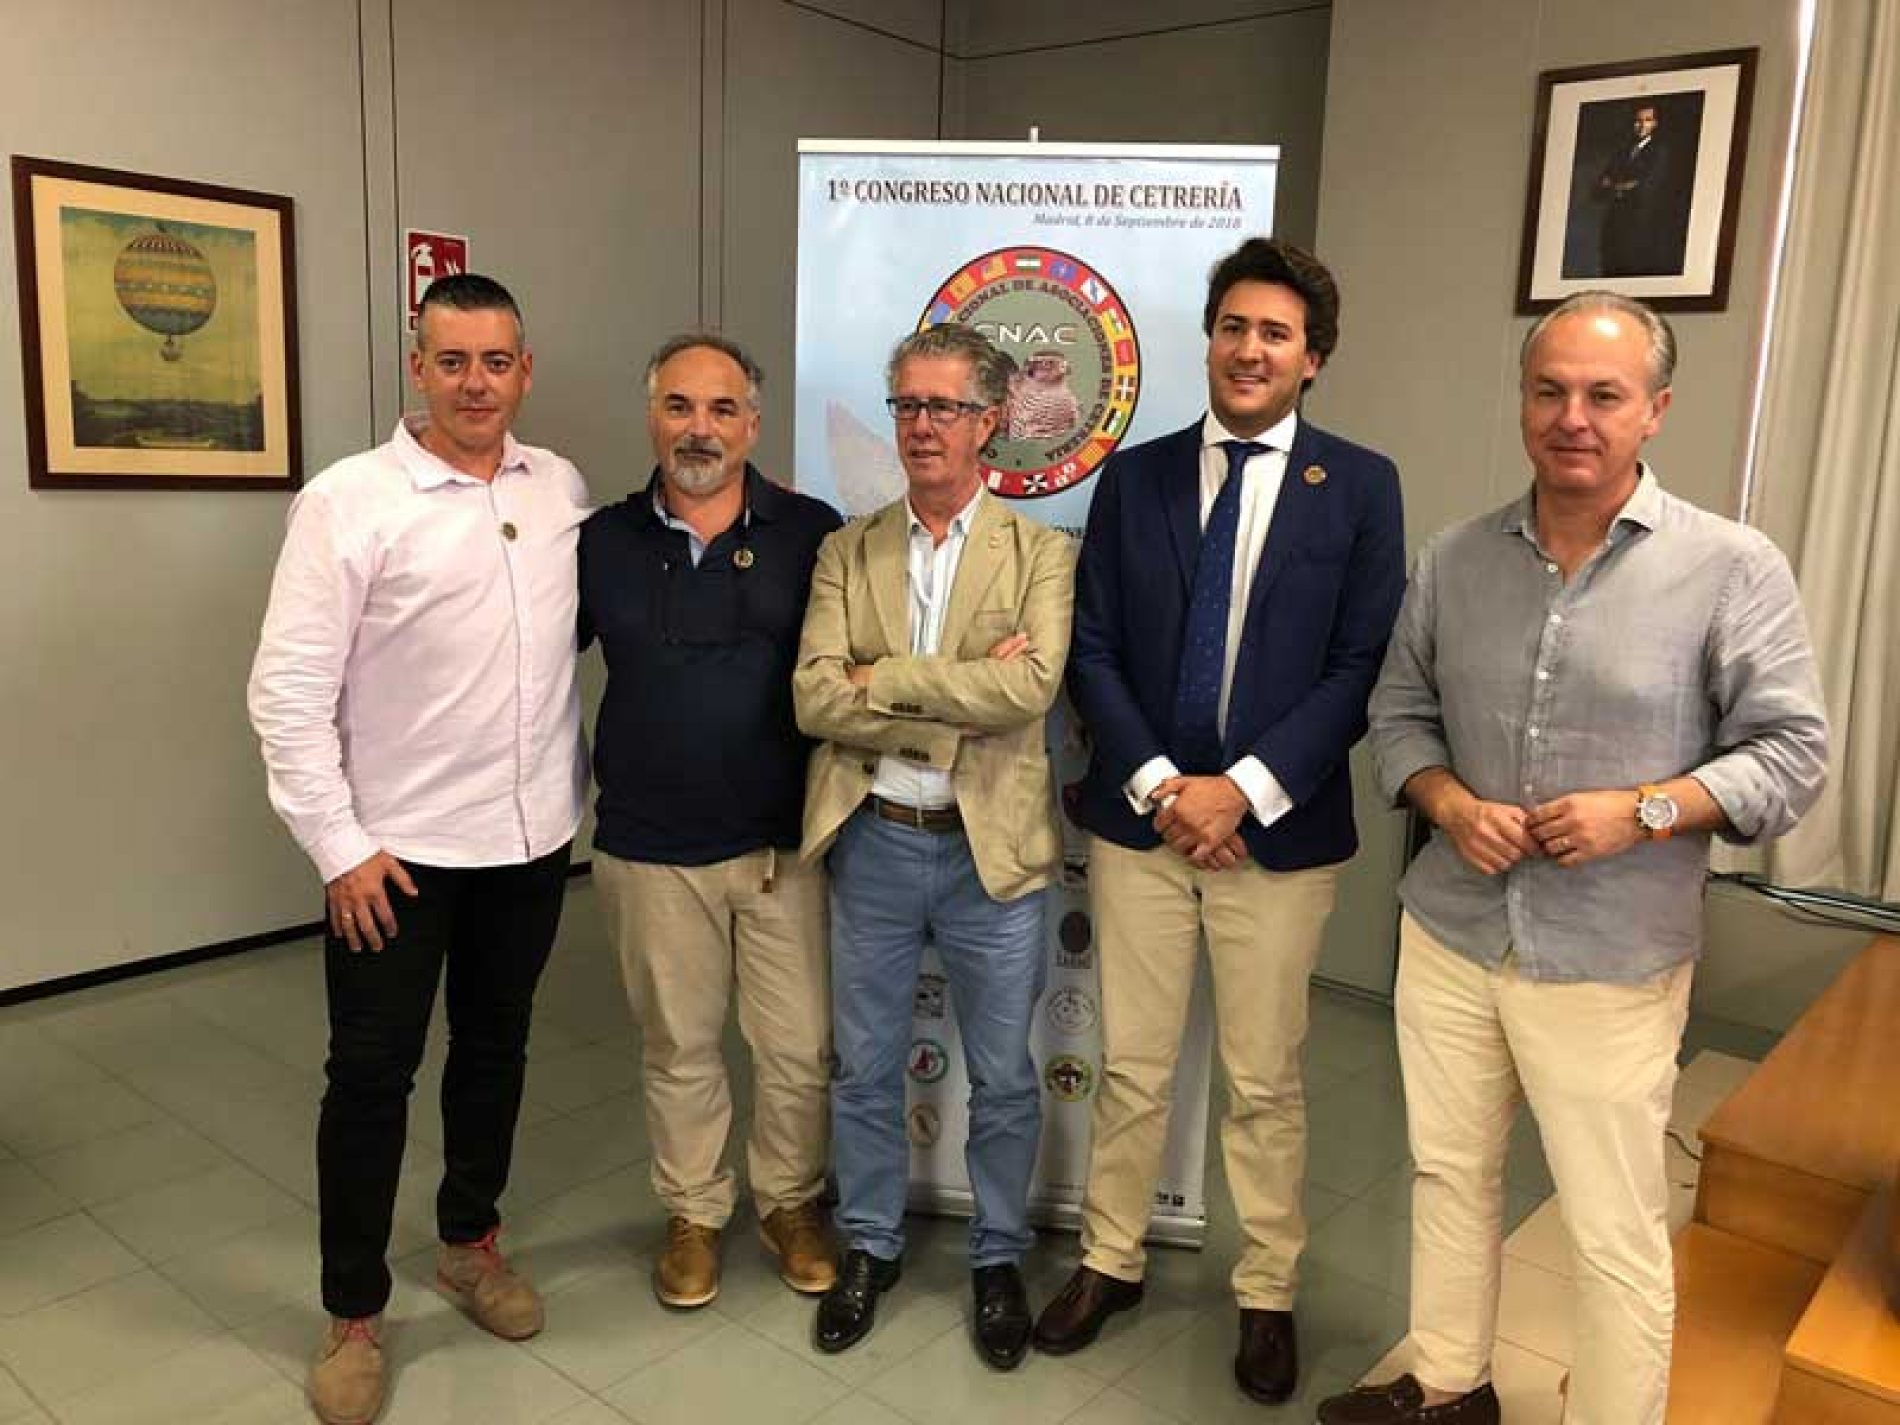 La RFEC reafirma su compromiso con la cetrería